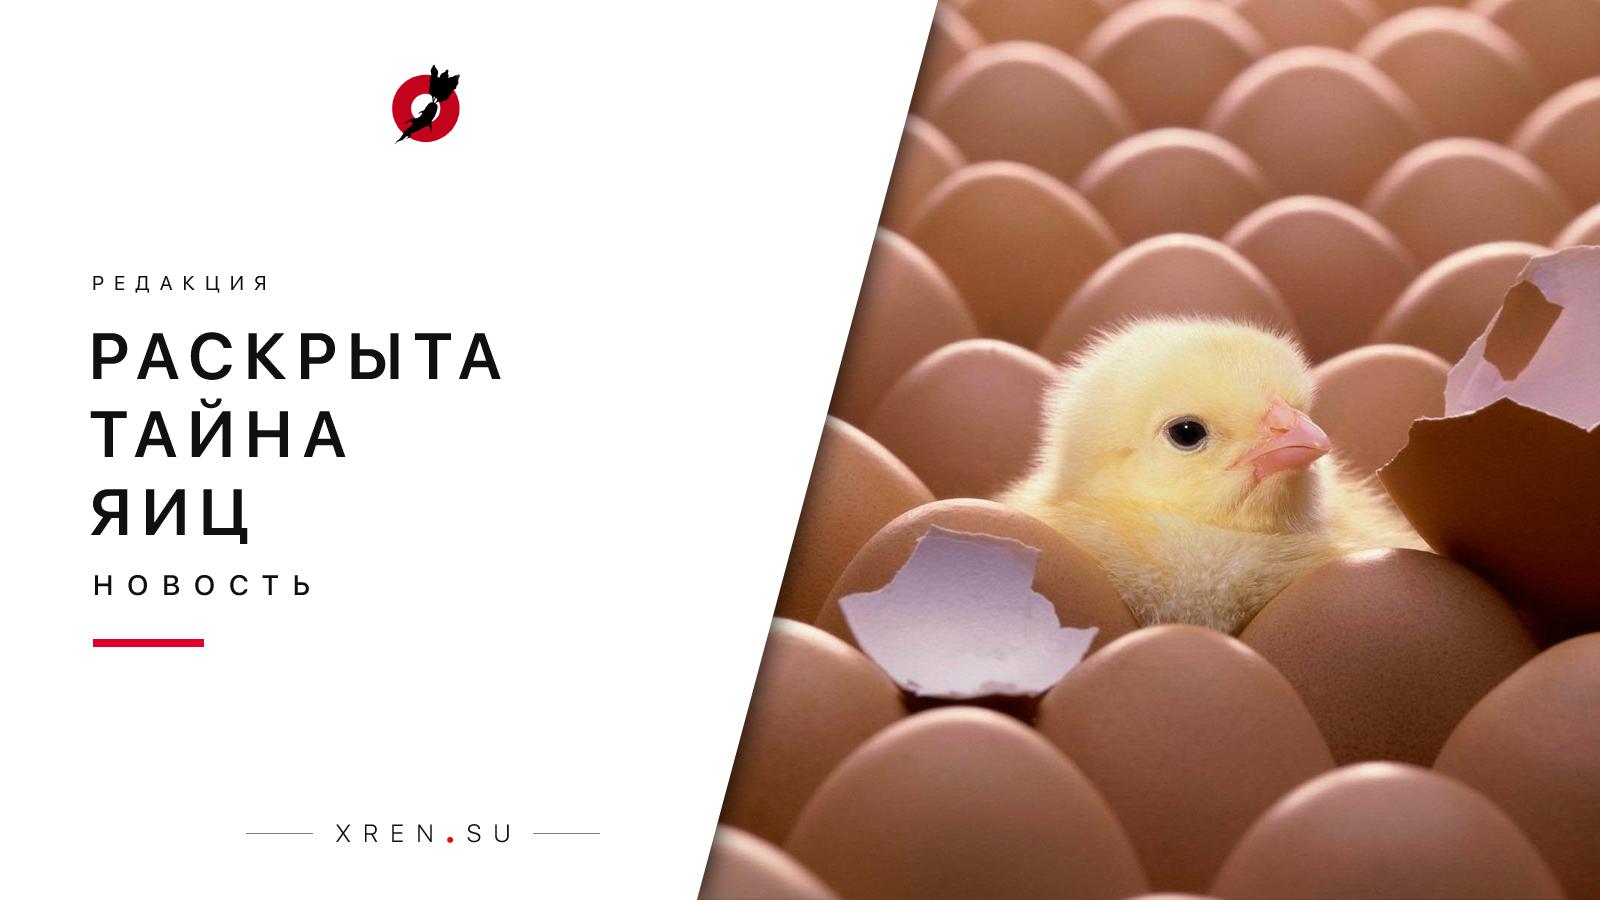 Раскрыта тайна яиц